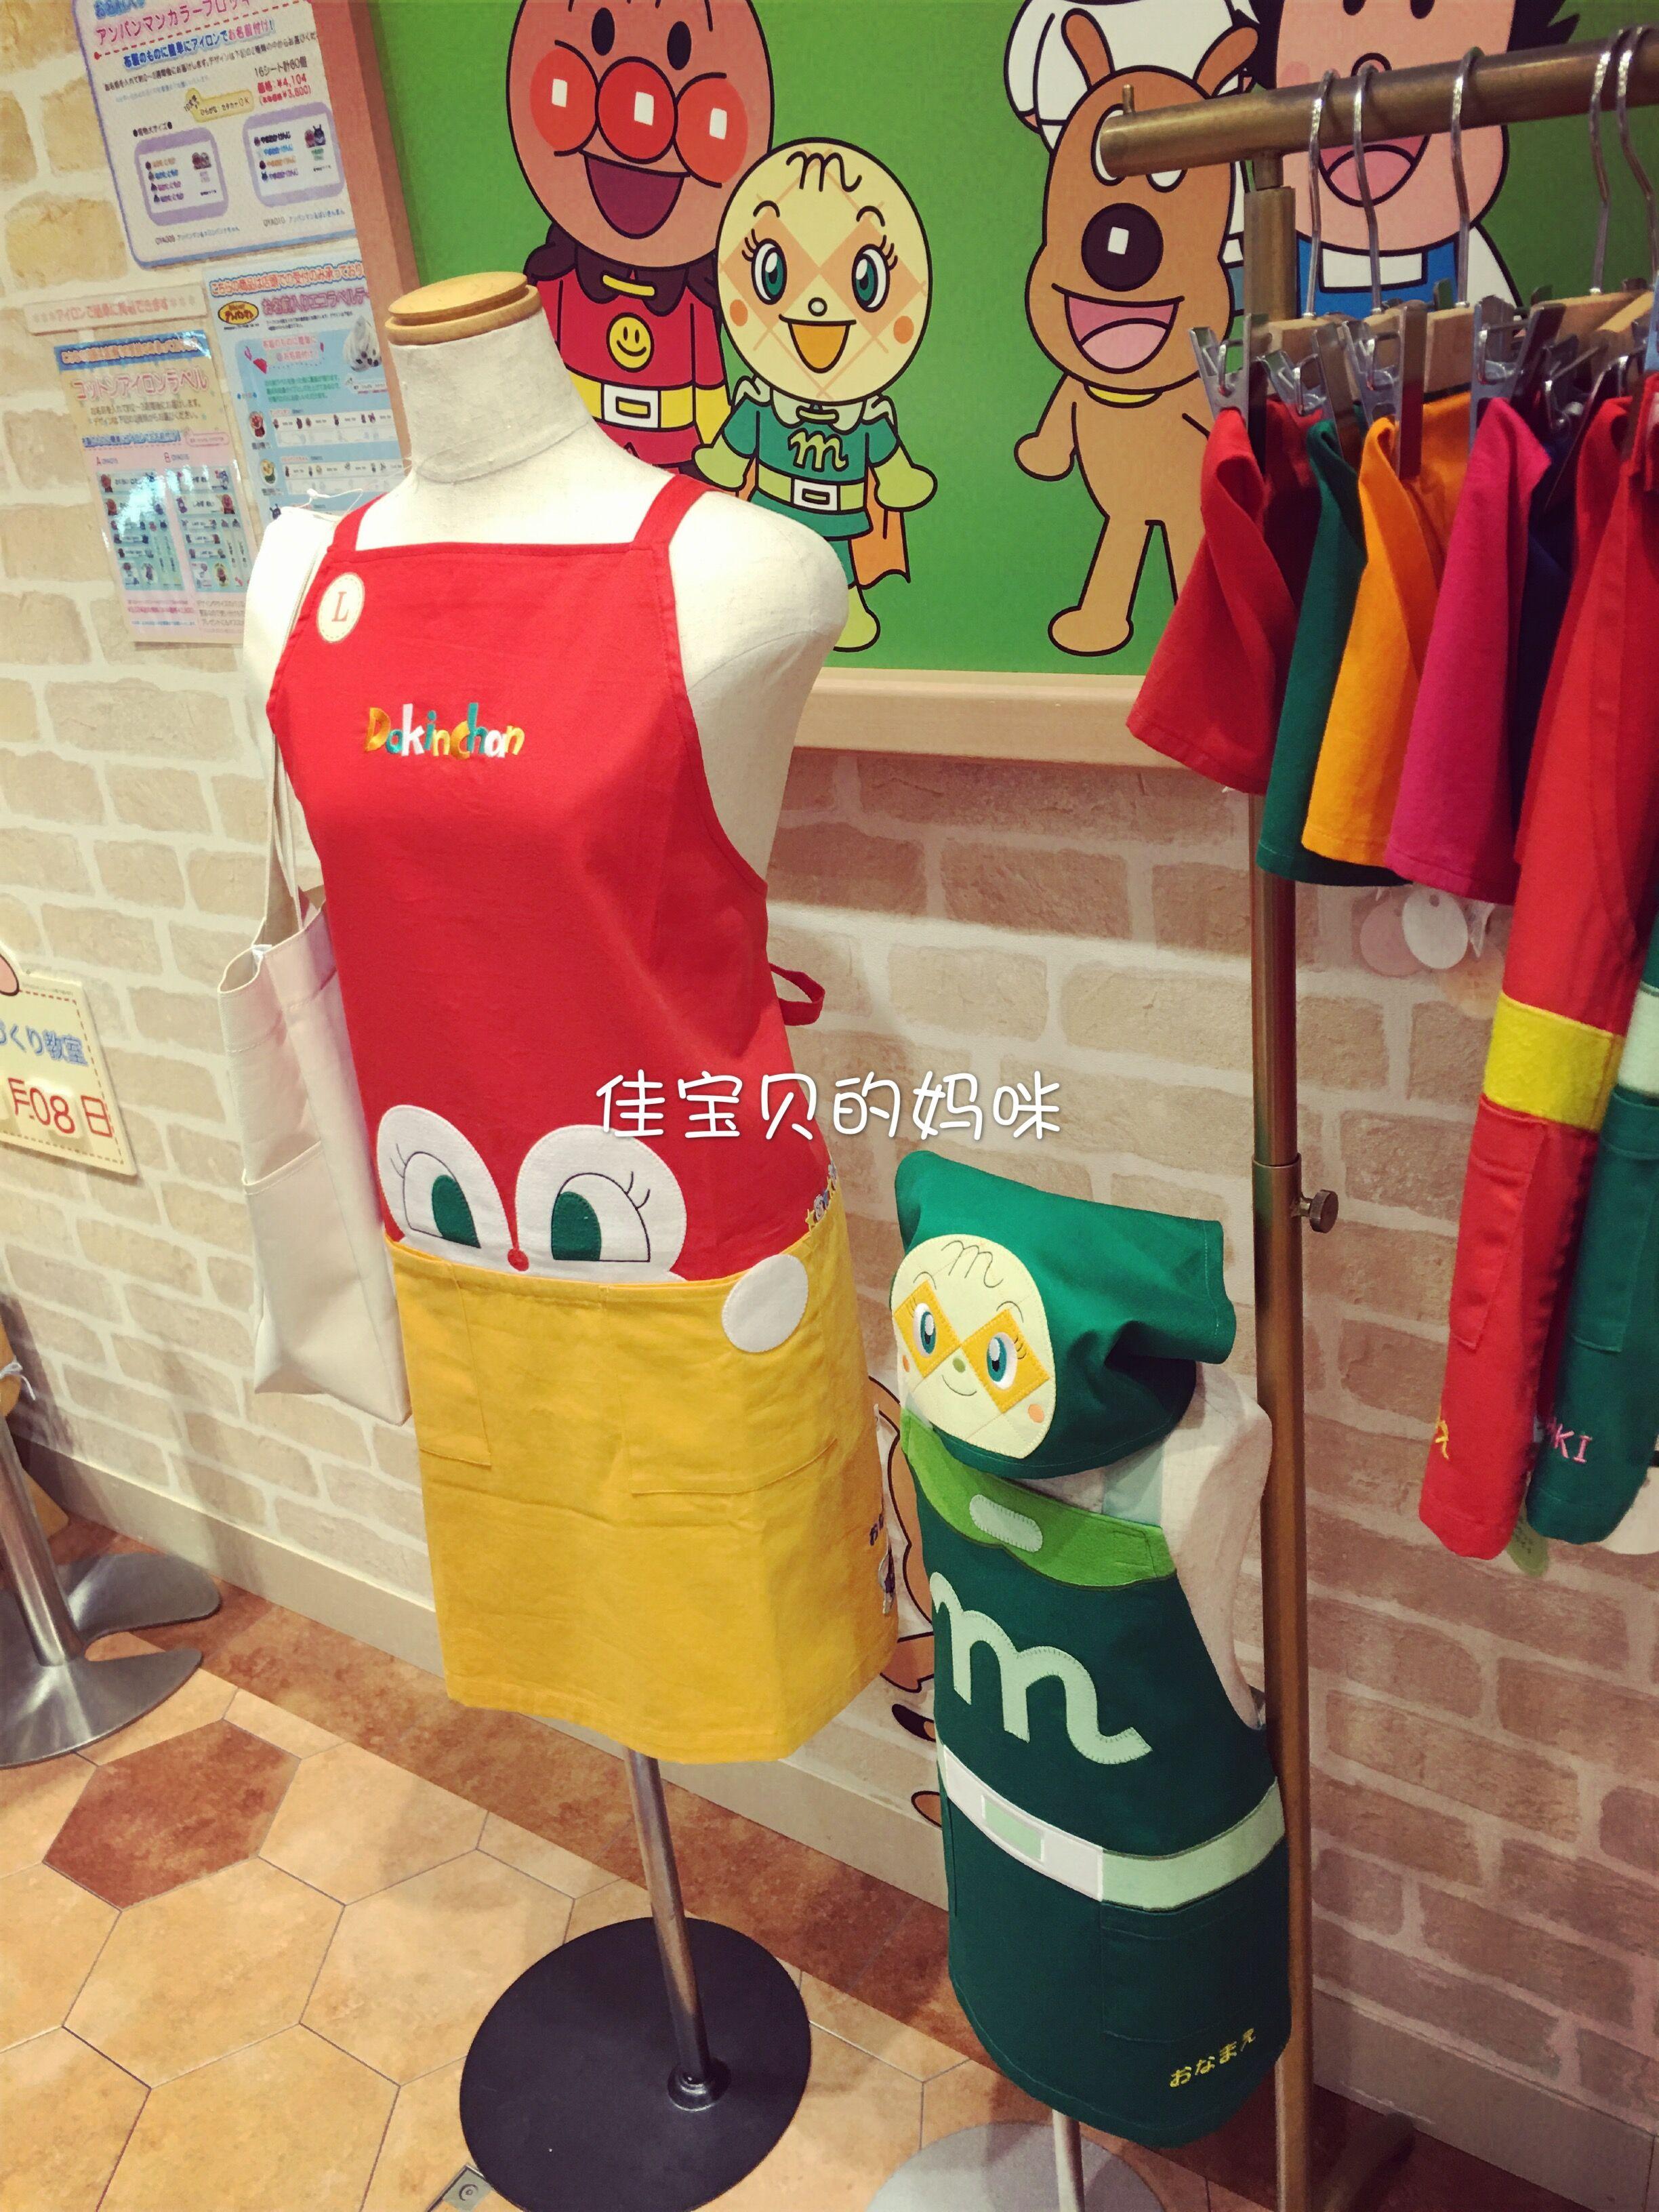 现货包邮日本面包超人博物馆限定款亲子儿童围裙日本制造手工刺绣